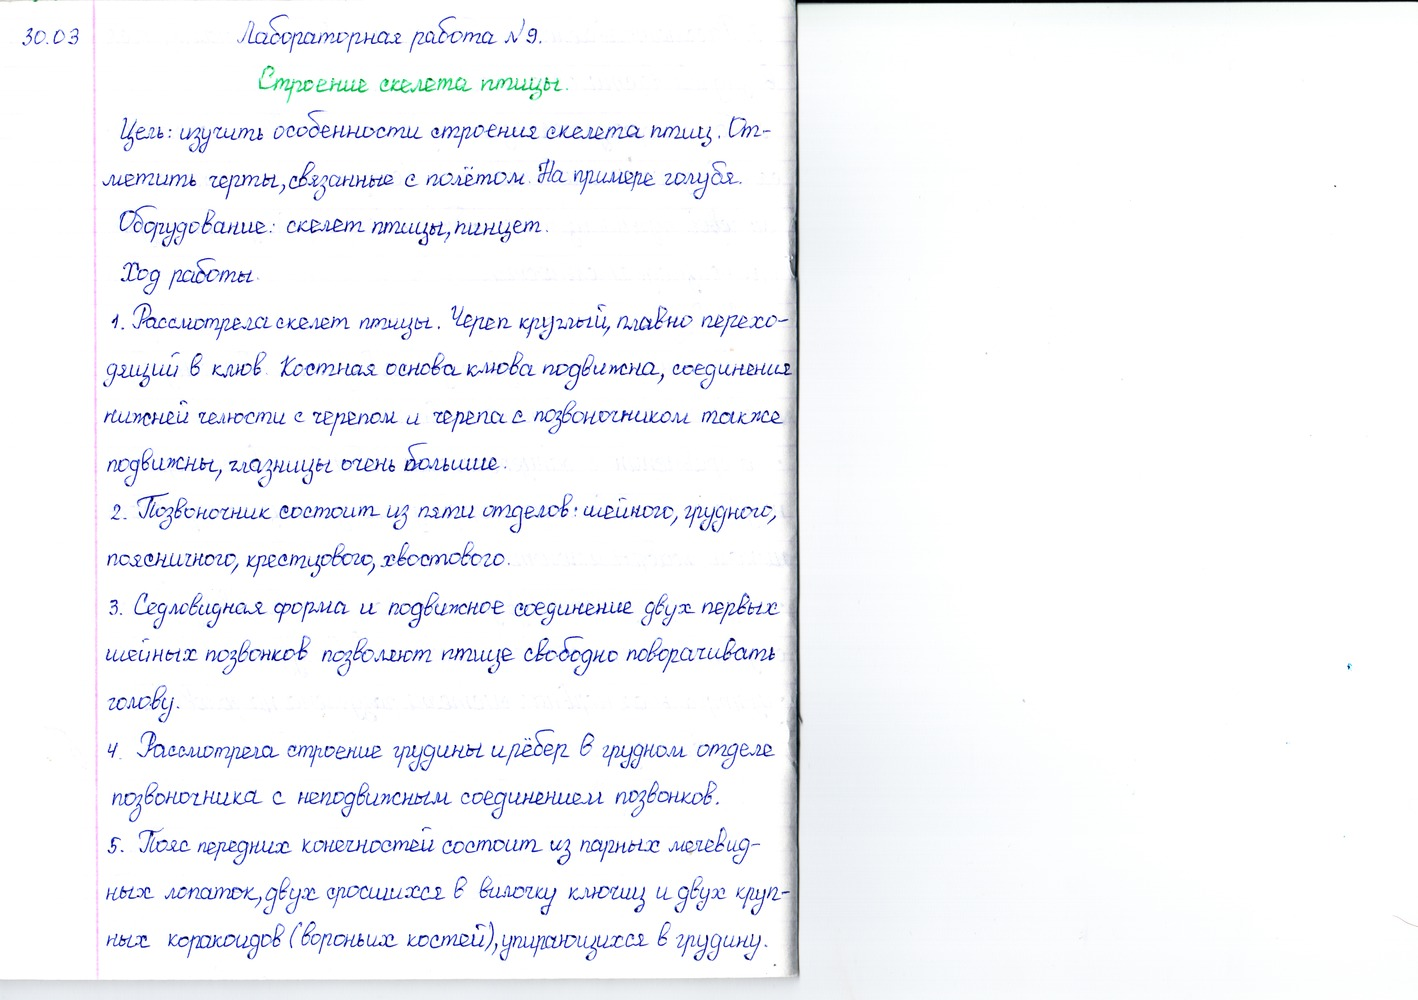 Лабораторная работа 6 по биологии 7 класс латюшин